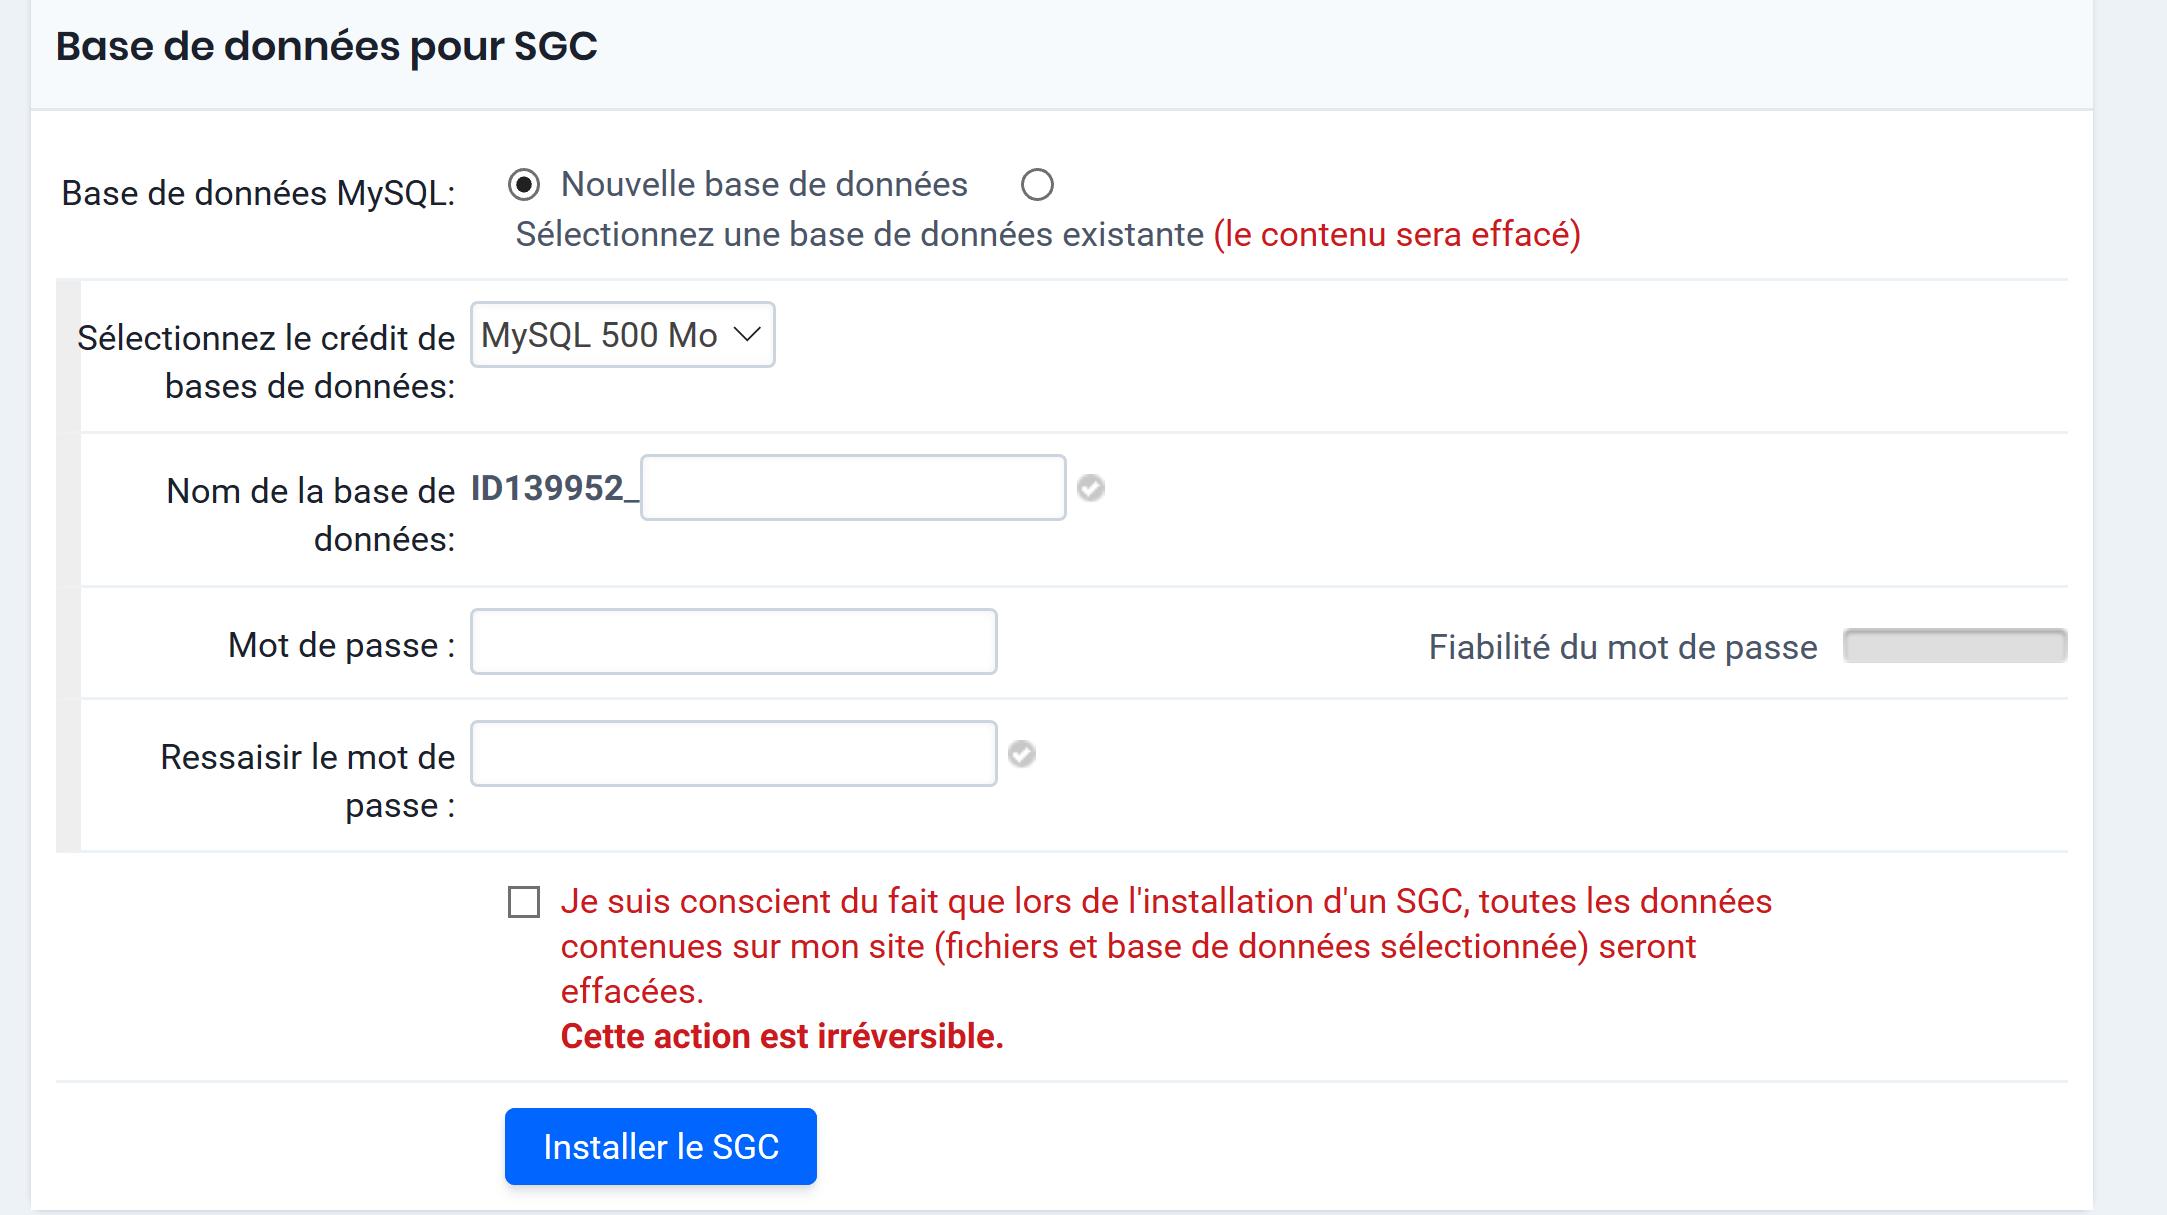 Base de données pour SGC